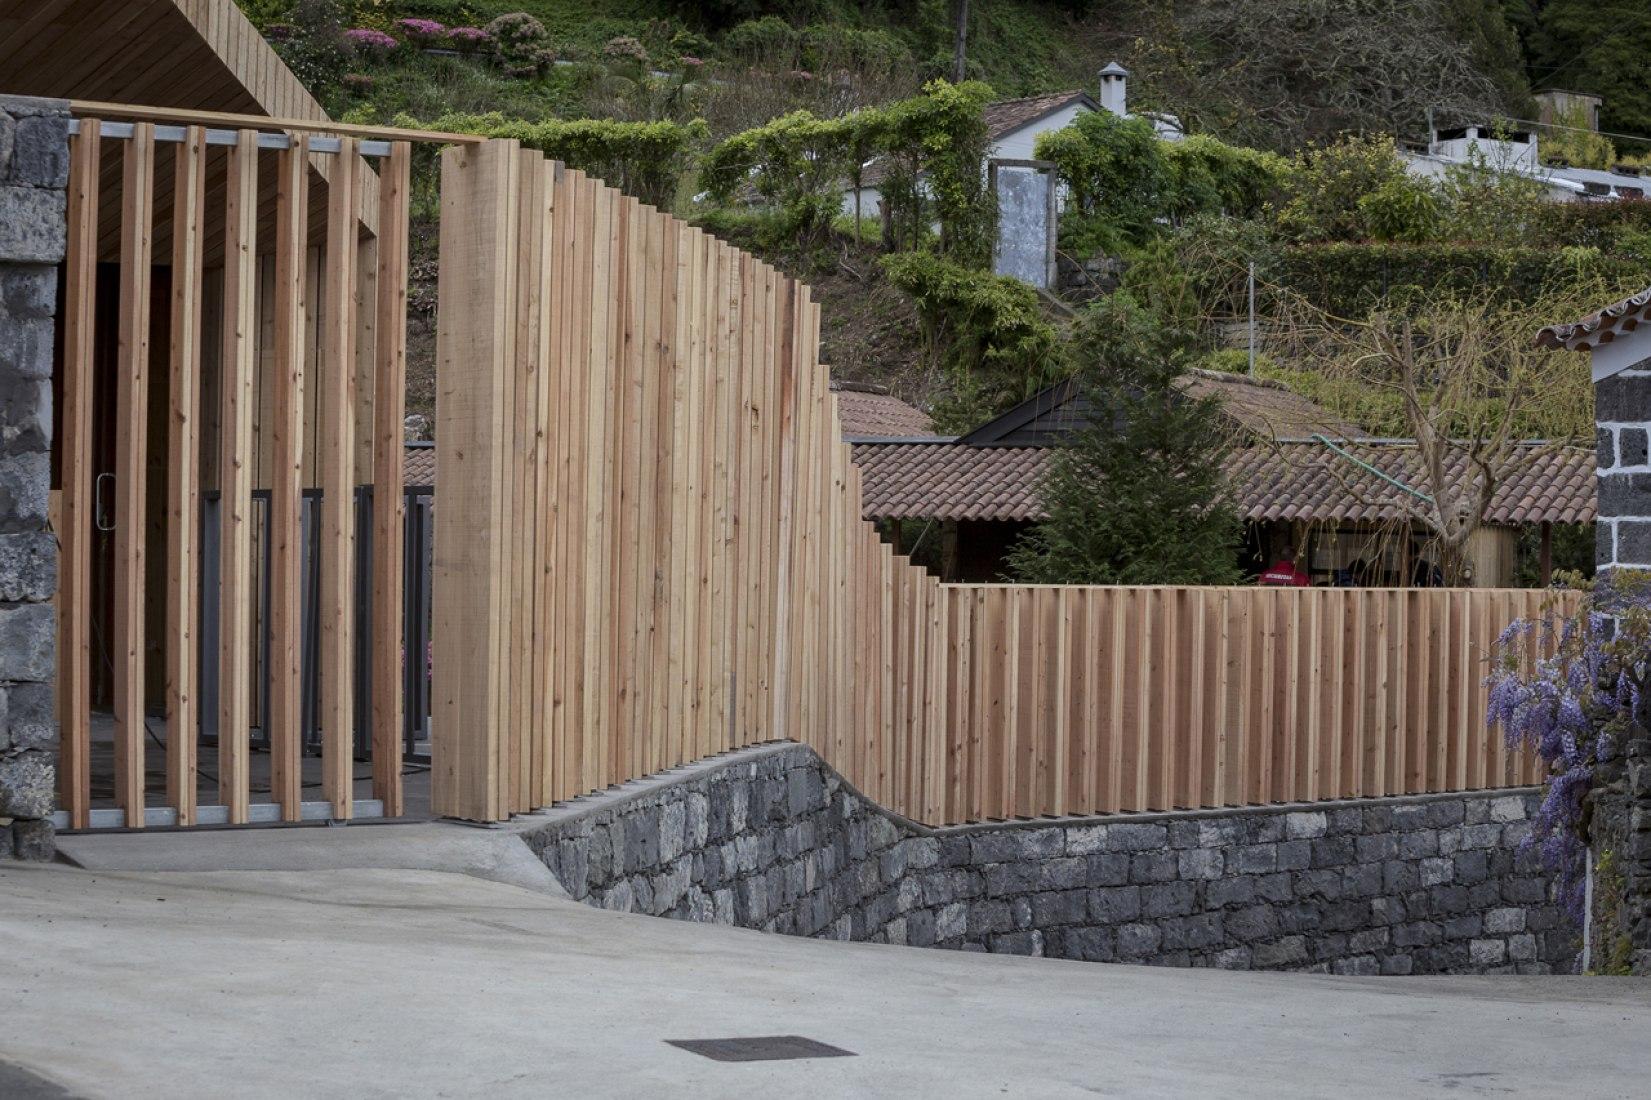 Vista exterior. Piscinas Termales Poça da Dona Beija por M - Arquitectos, Açores, Portugal. Fotografía © Paulo Goulart.